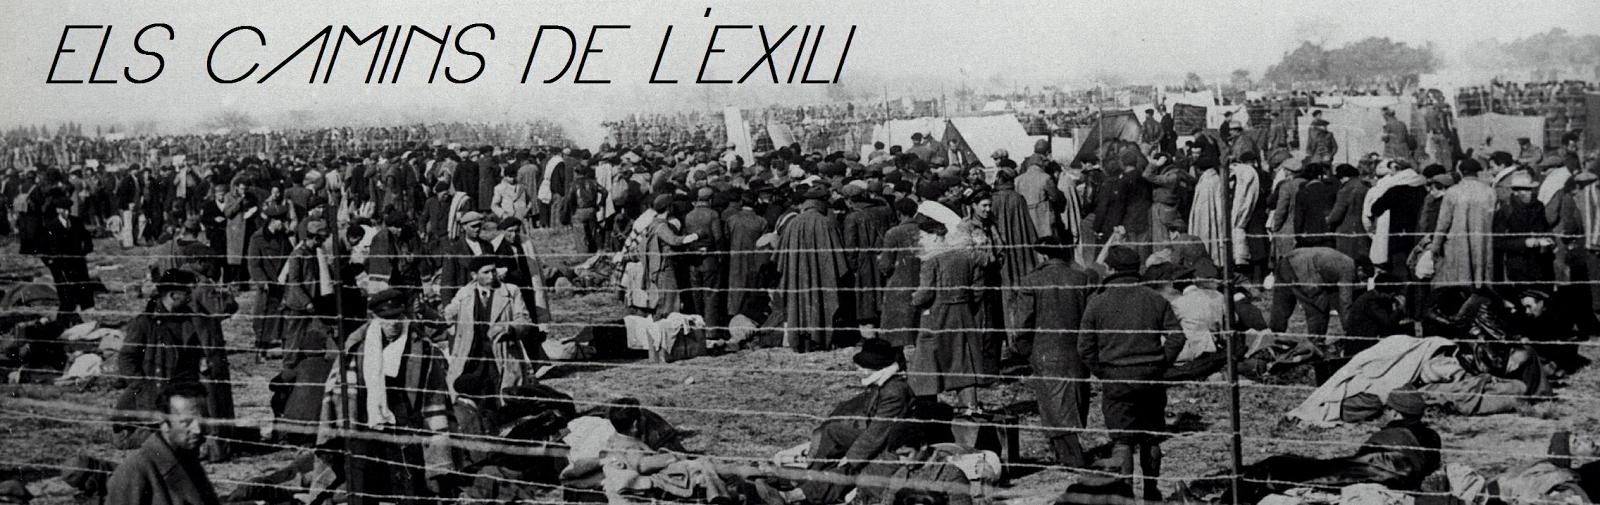 Els camins de l'exili